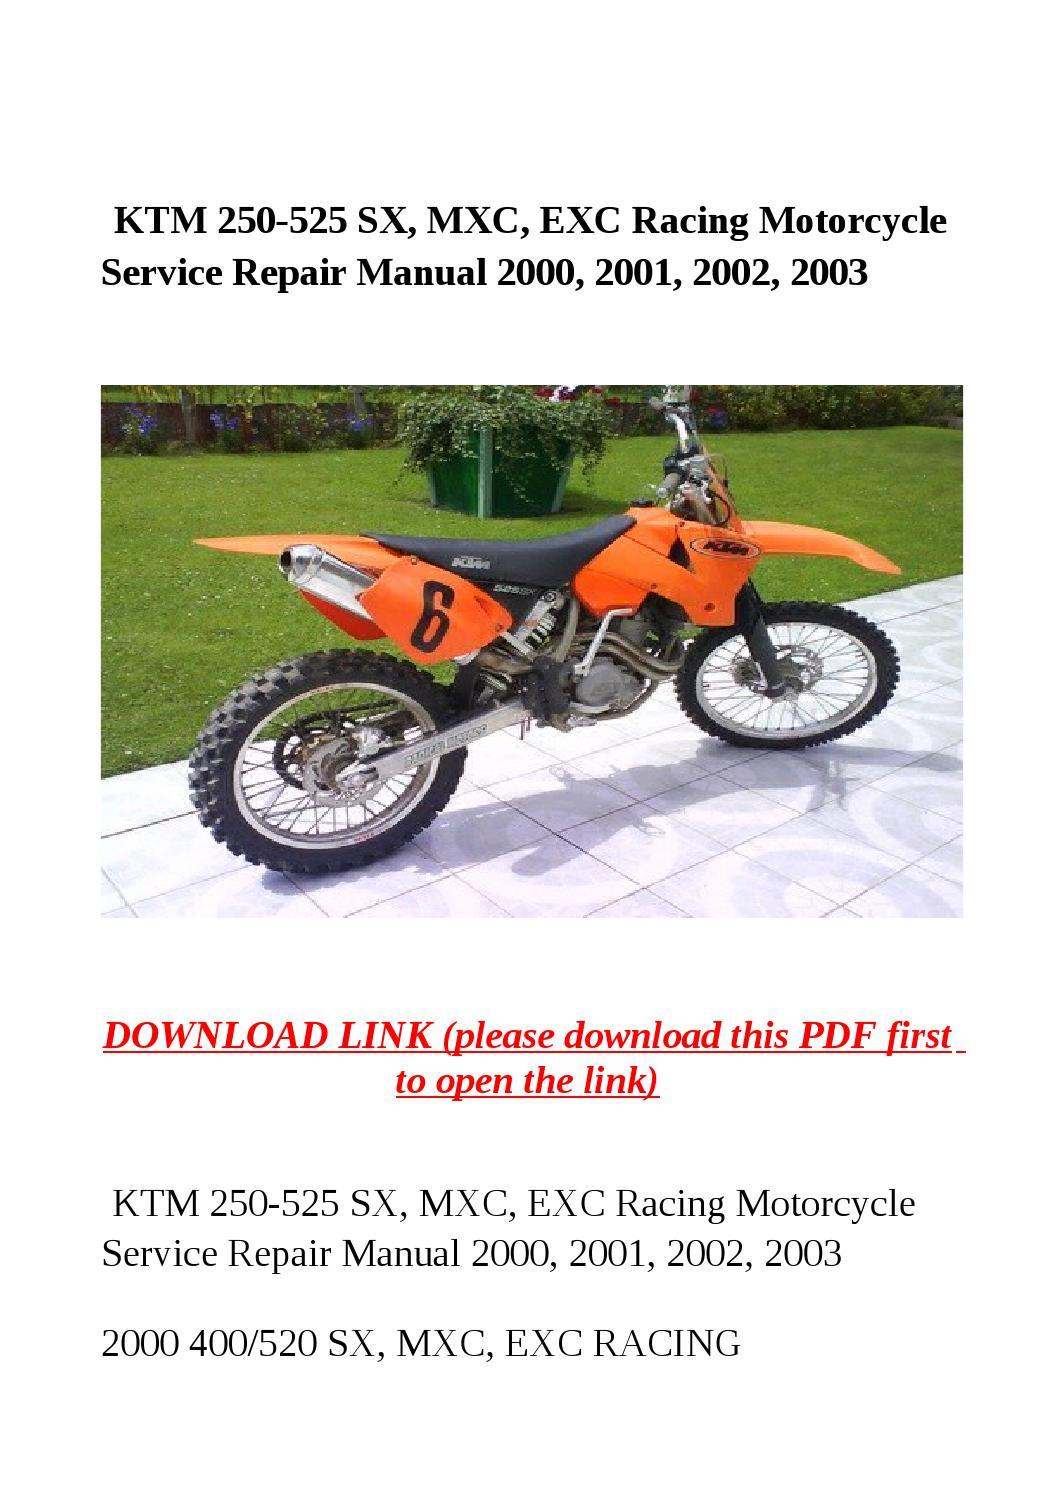 Ktm 250 525 sx, mxc, exc racing motorcycle service repair manual 2000,  2001, 2002, 2003 by yghj - issuu